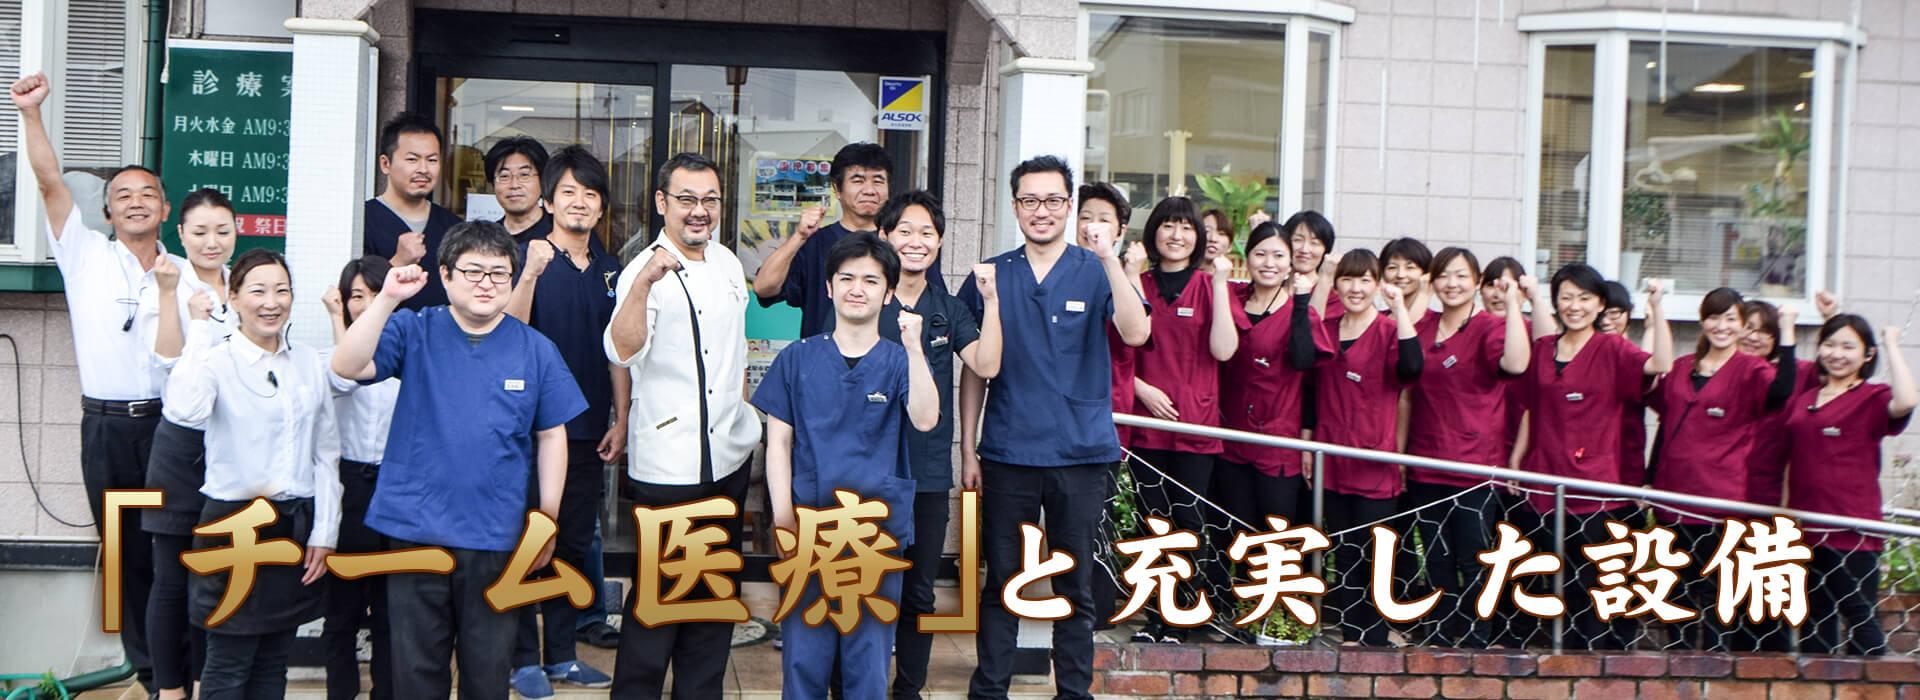 近藤歯科医院 「チーム医療」と充実した設備